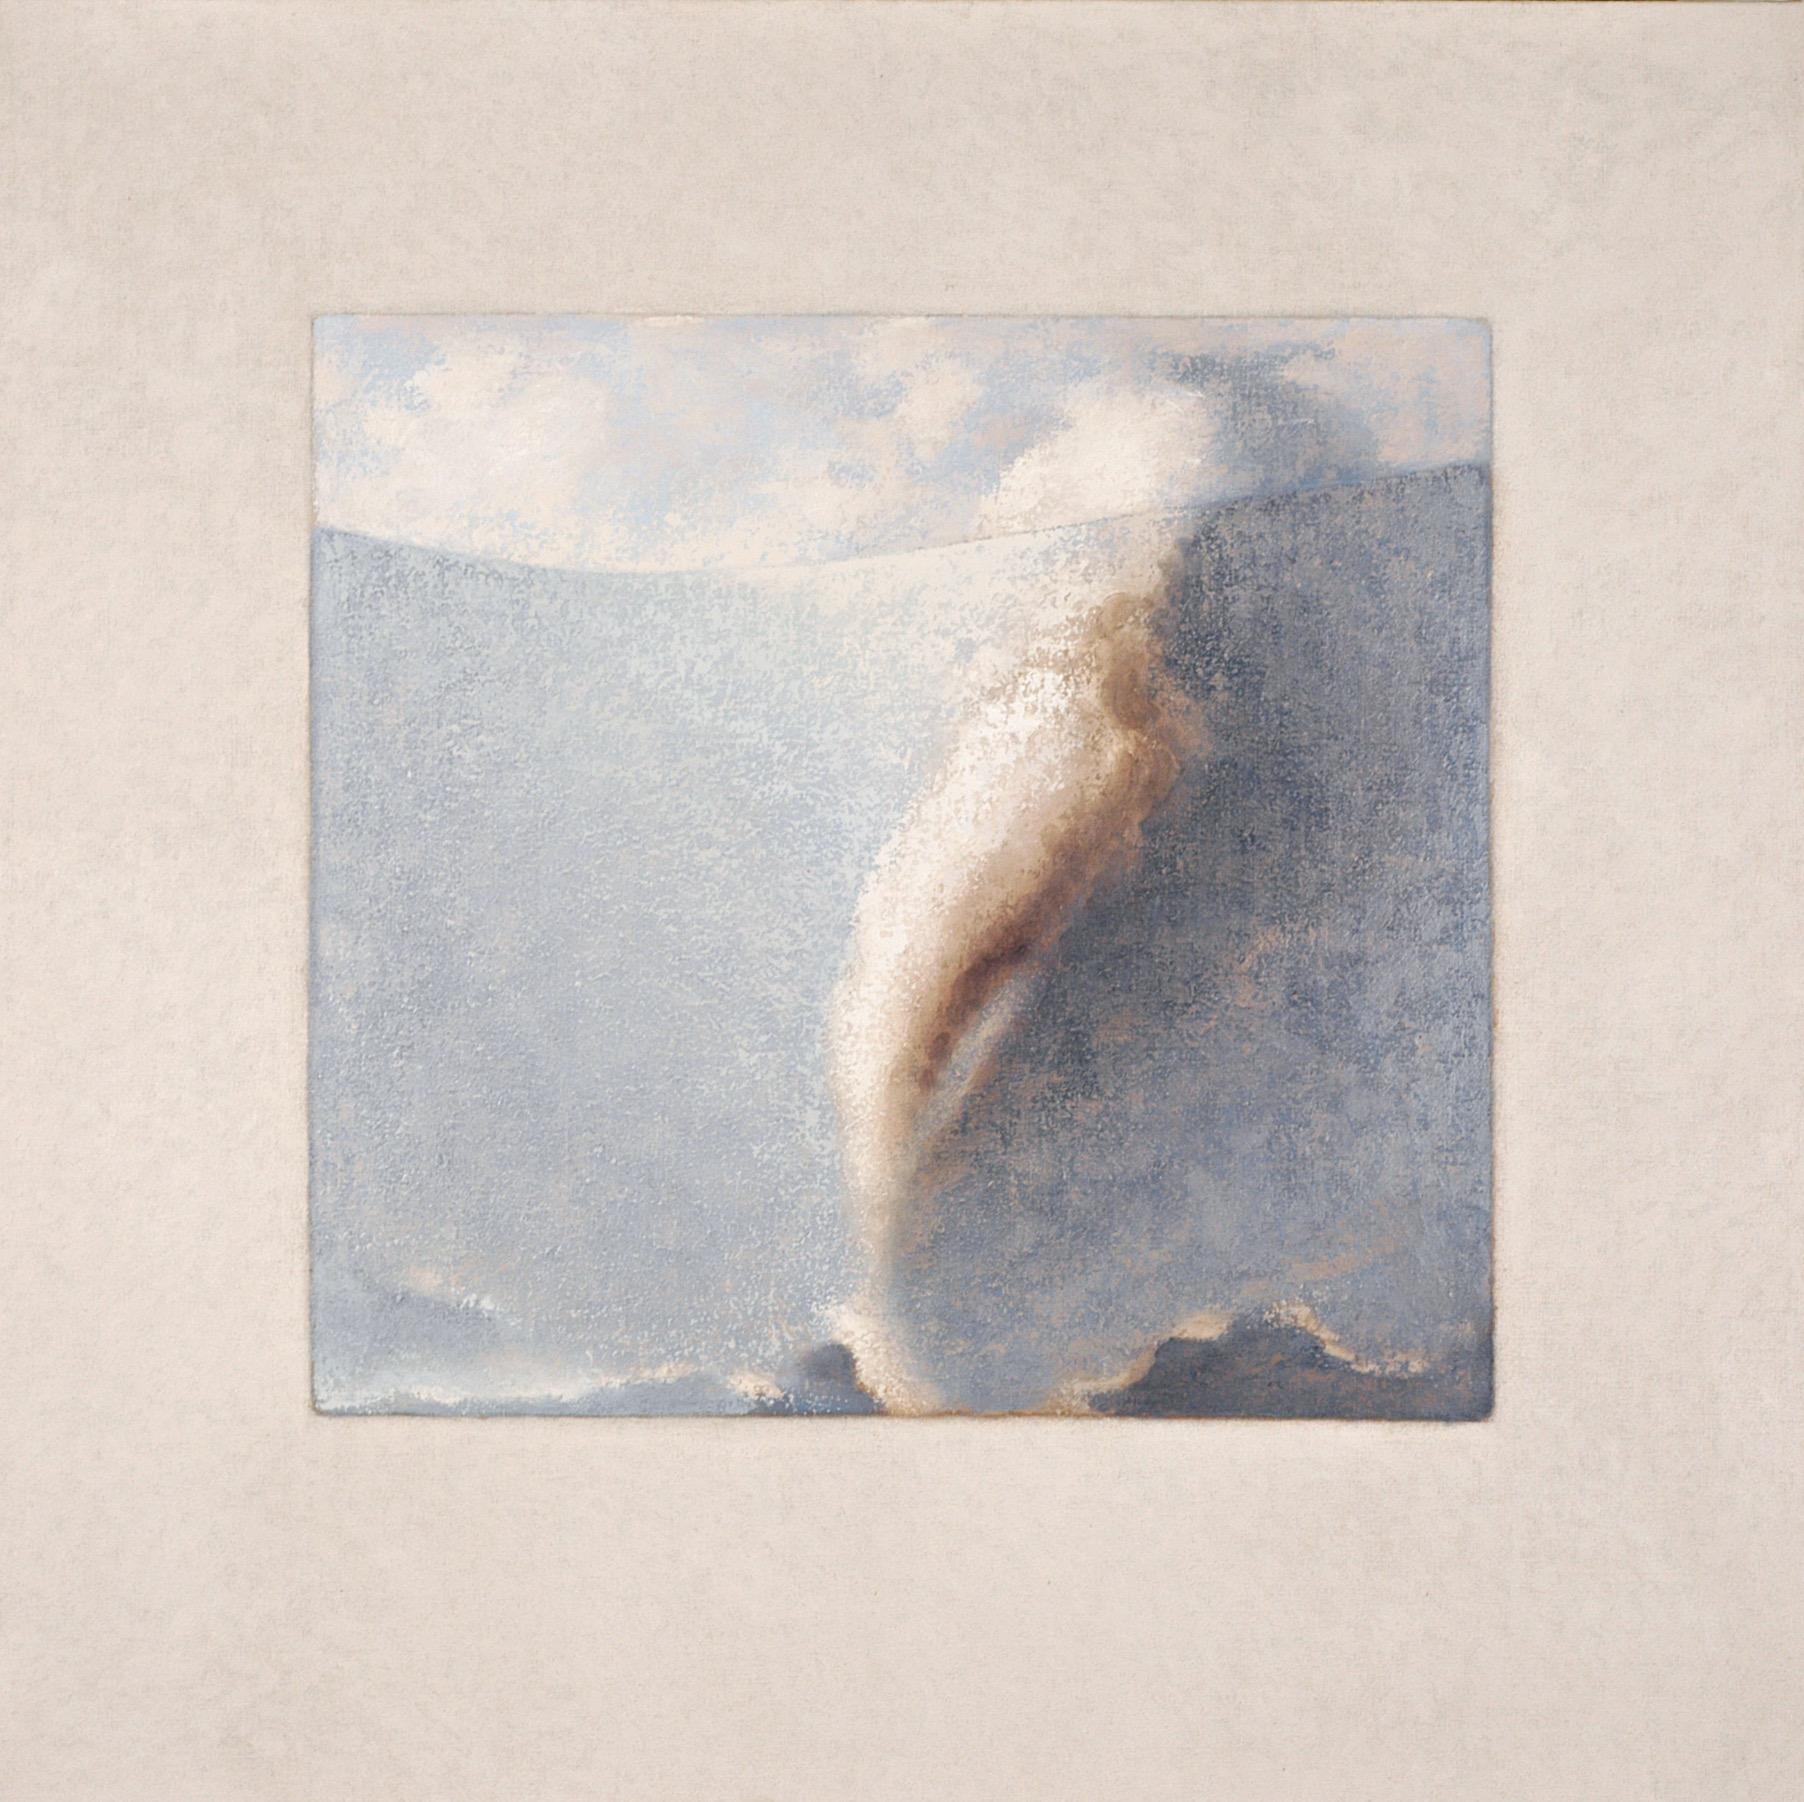 Grande Mare-Muro, 2004